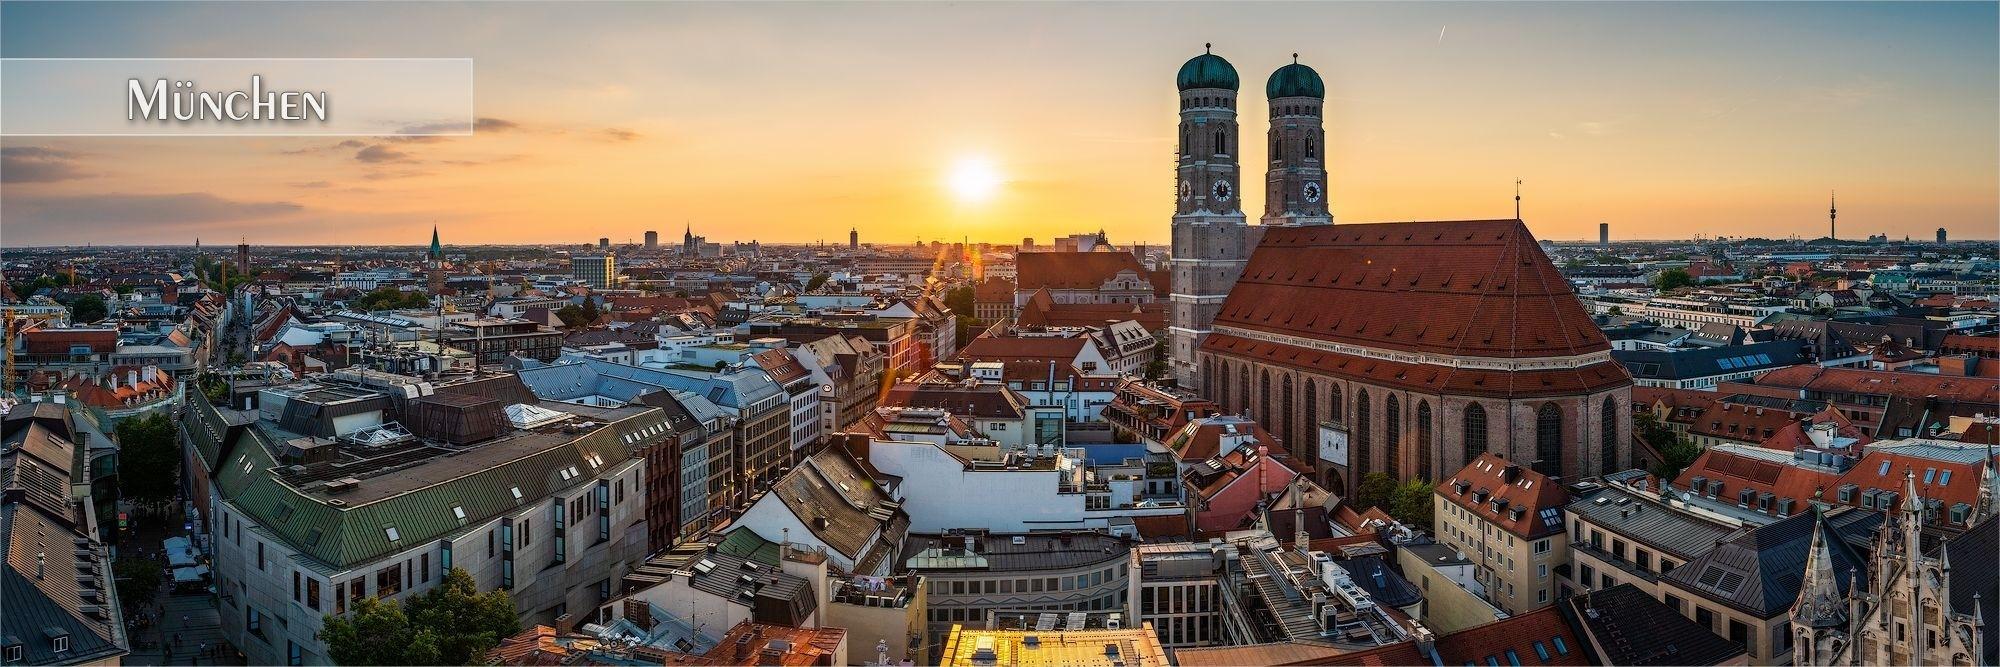 Bilder aus München als Wandbild oder Küchenrückwand